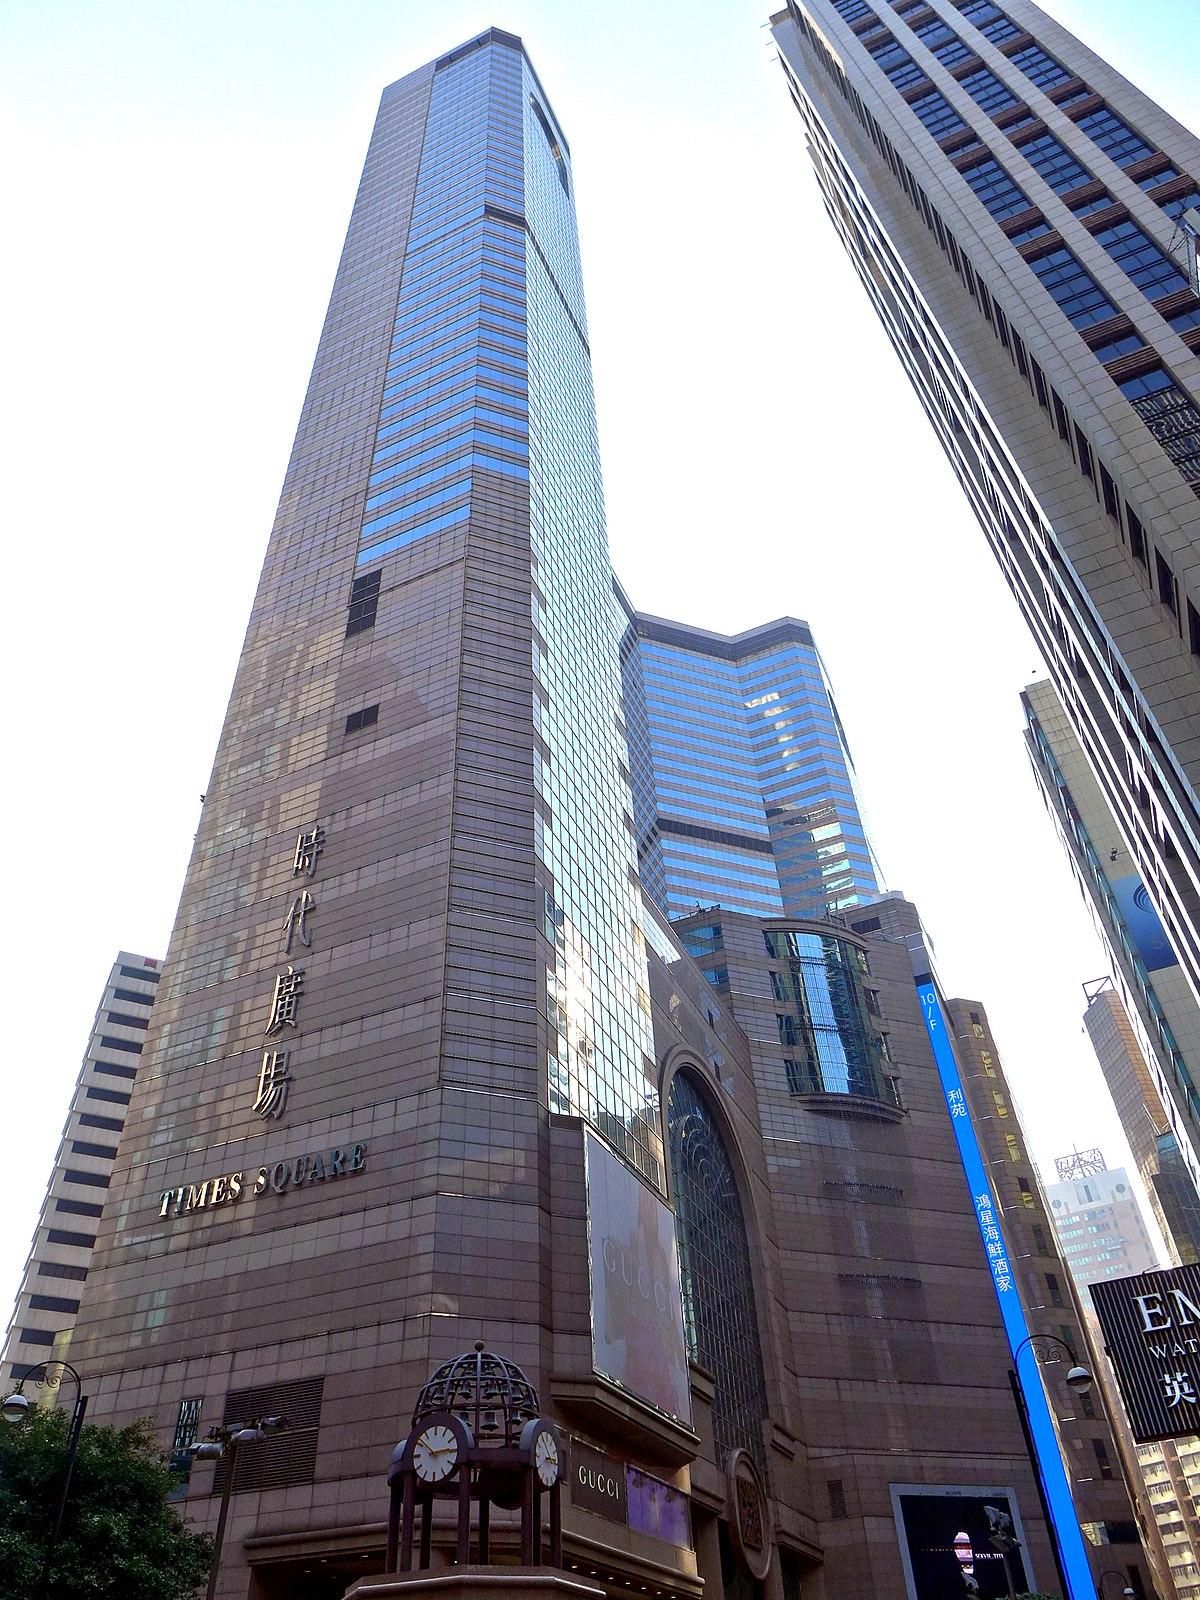 Times Square Hong Kong Wikipedia